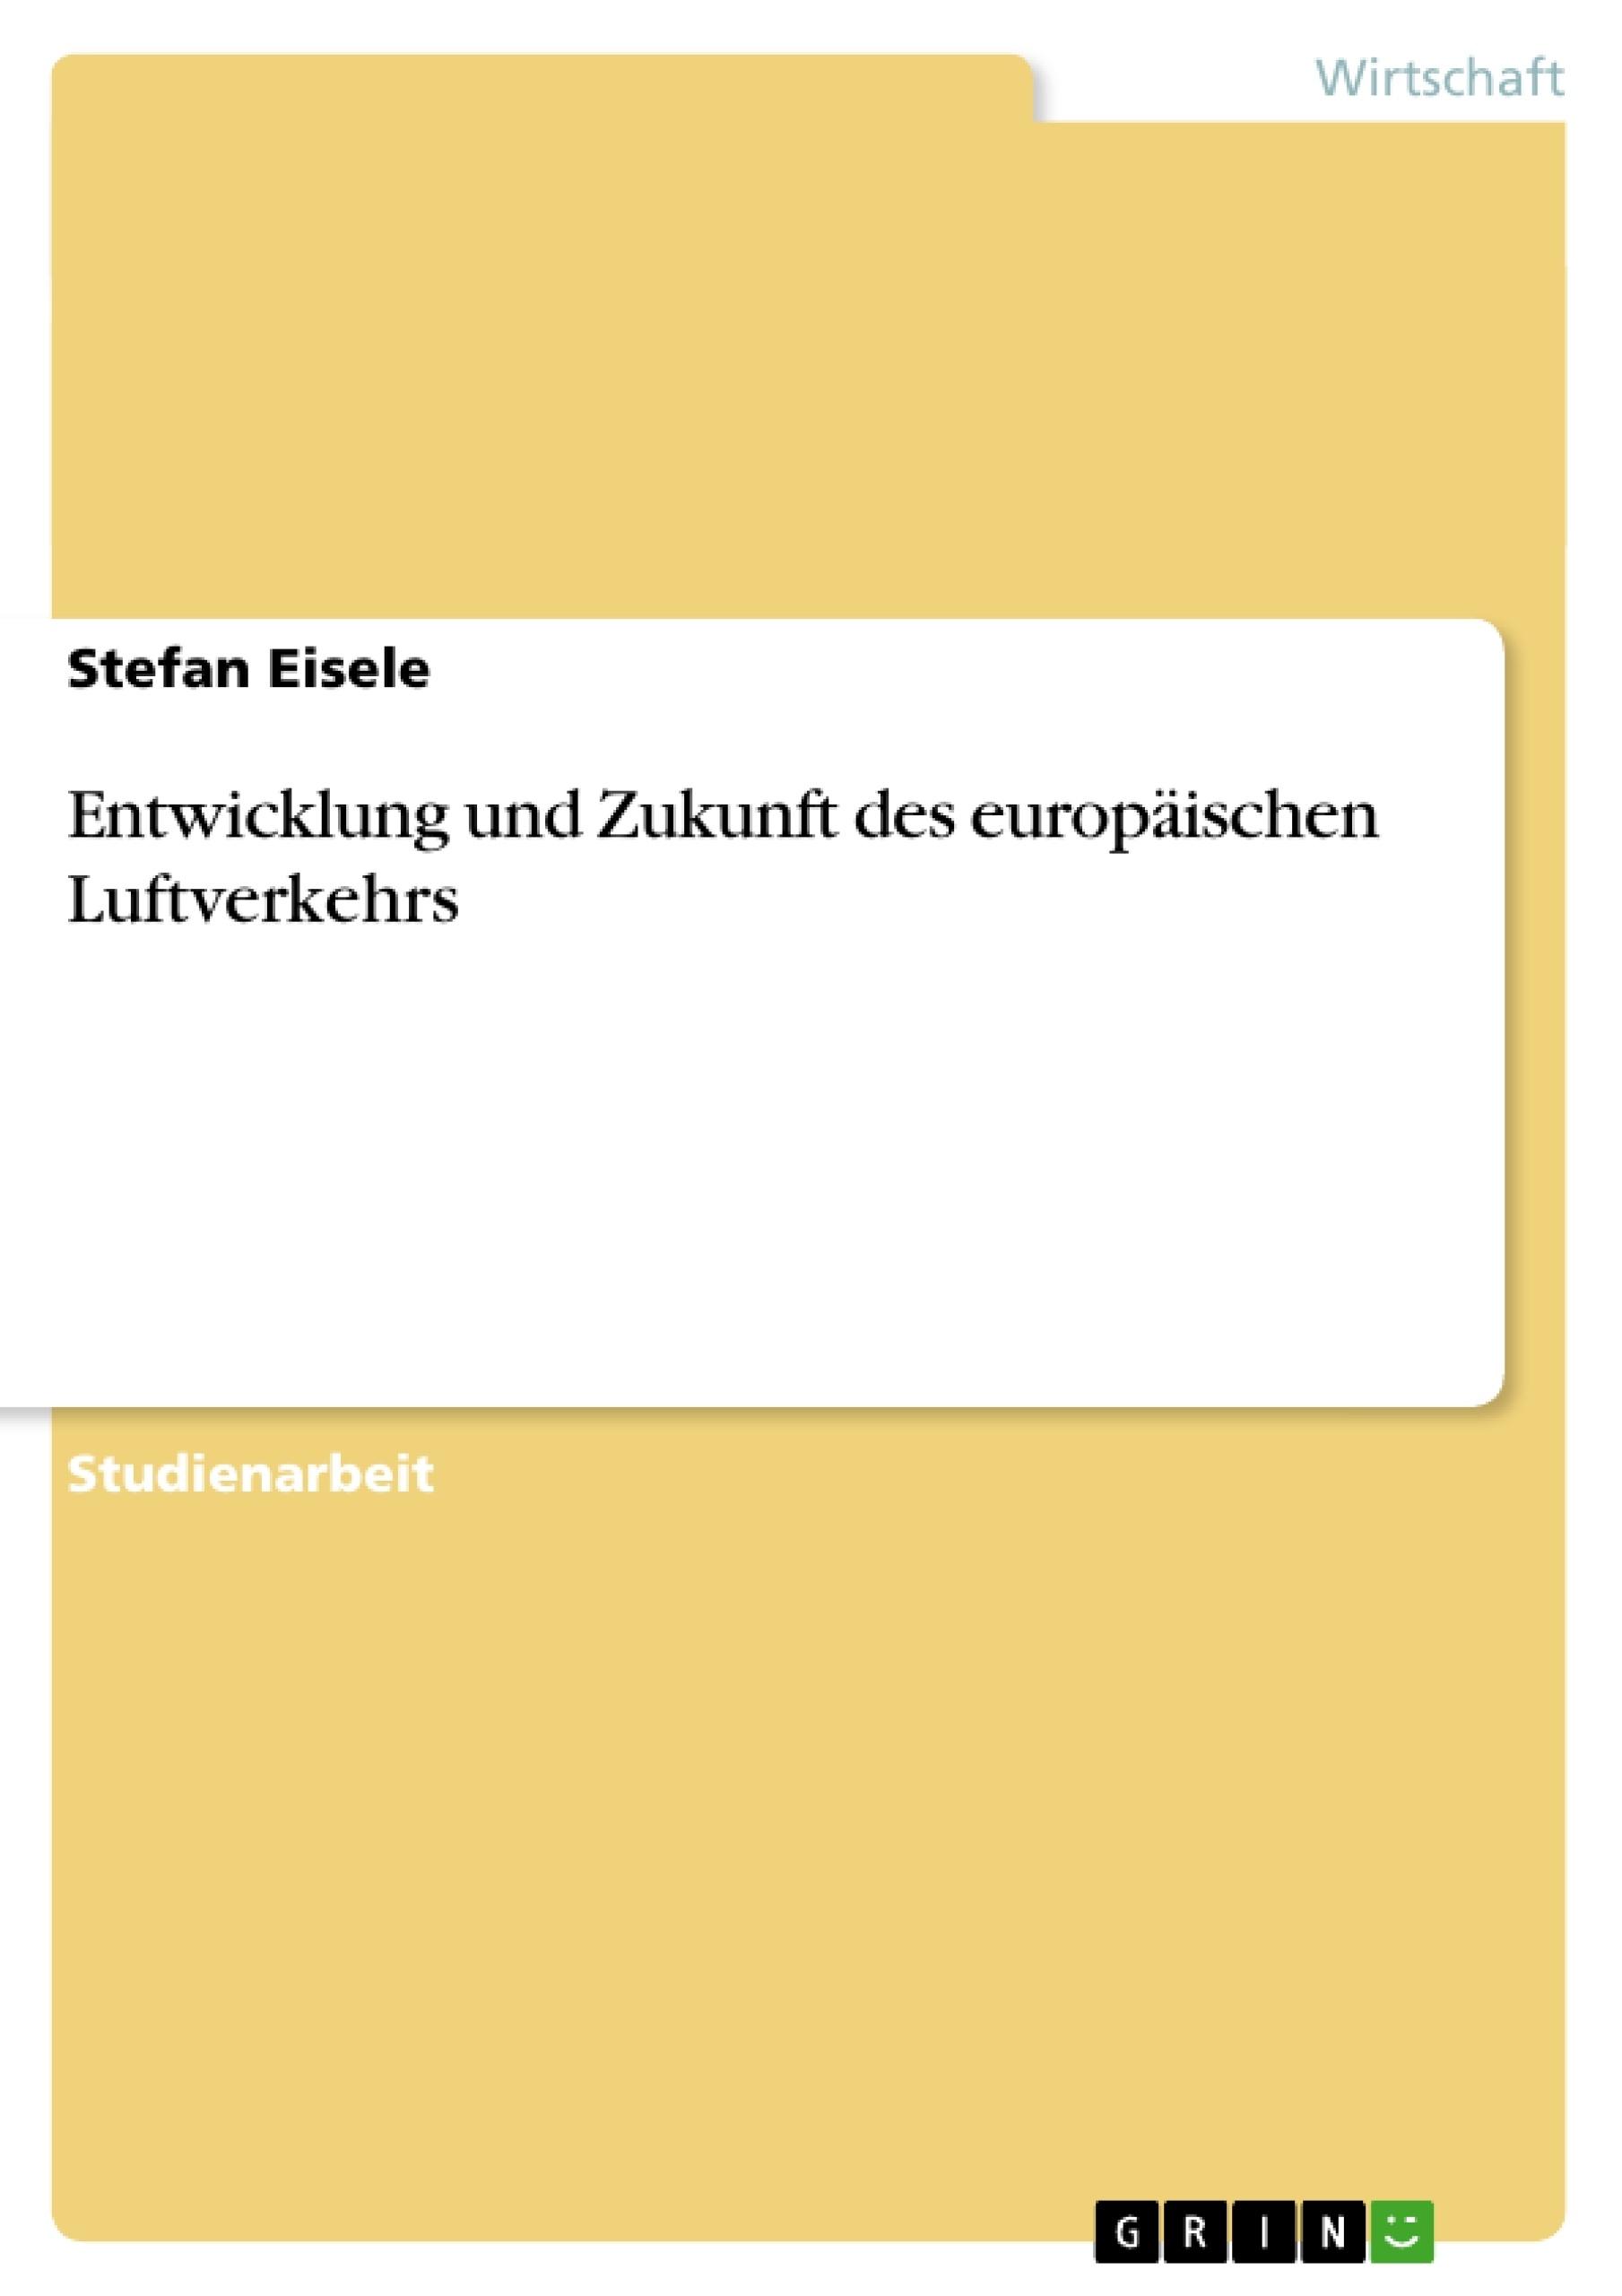 Titel: Entwicklung und Zukunft des europäischen Luftverkehrs